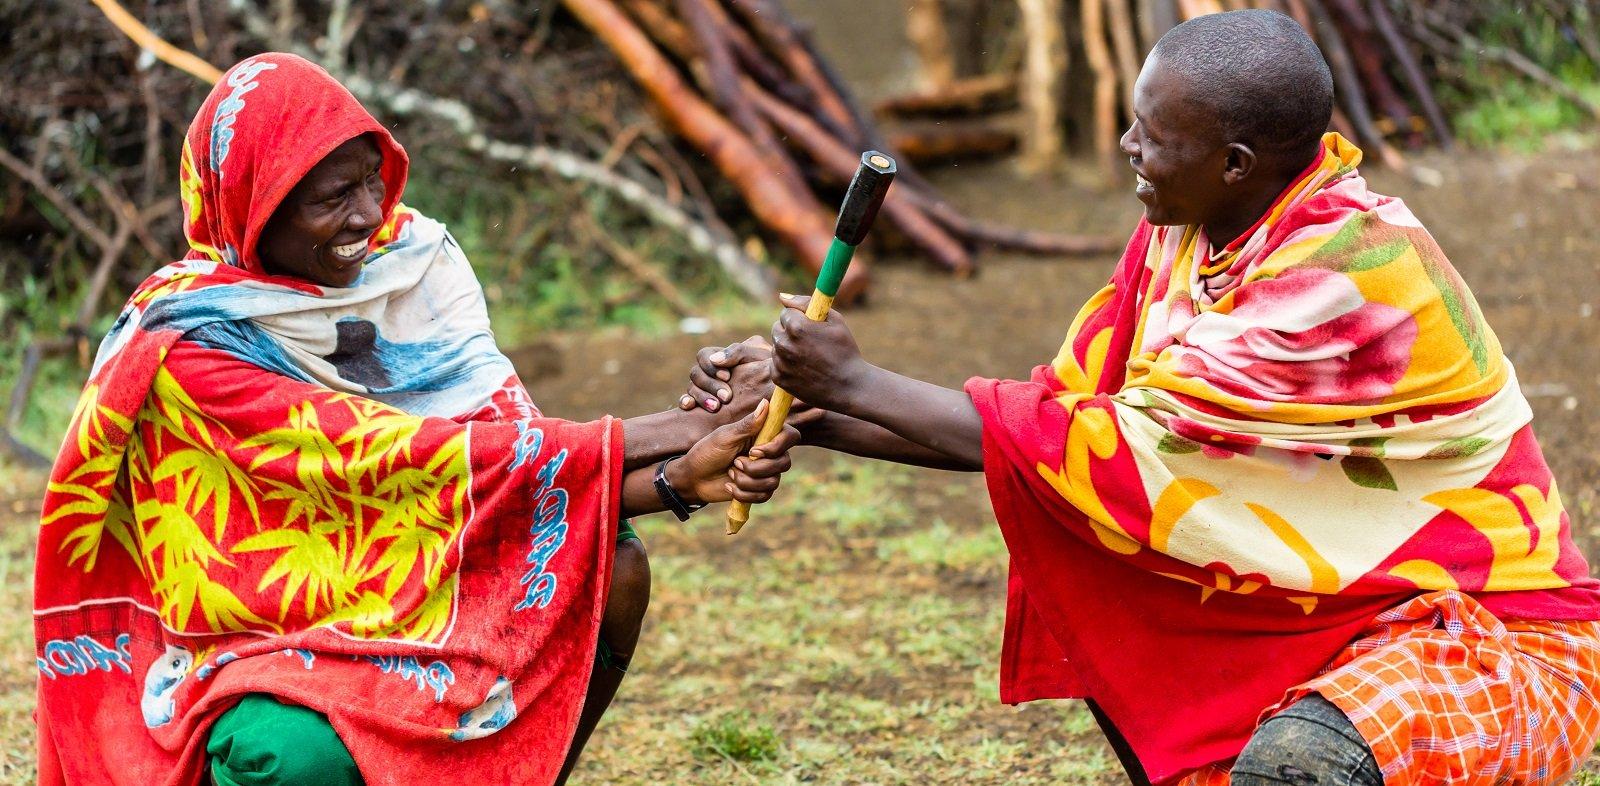 Masai contrattano in un villaggio africano - Viaggia con noi a Nola